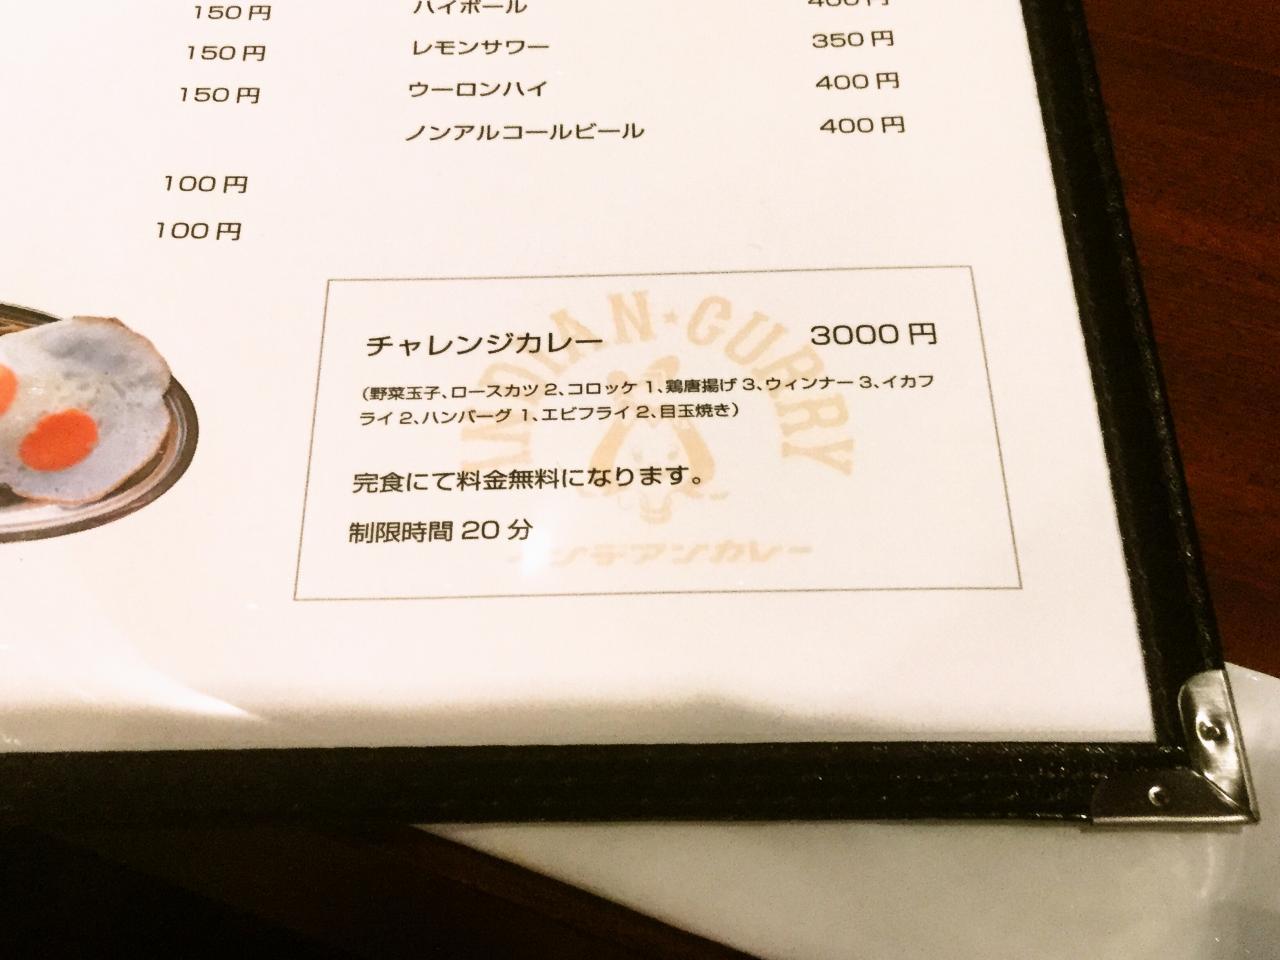 インデアンカレー中目黒(メニュー)